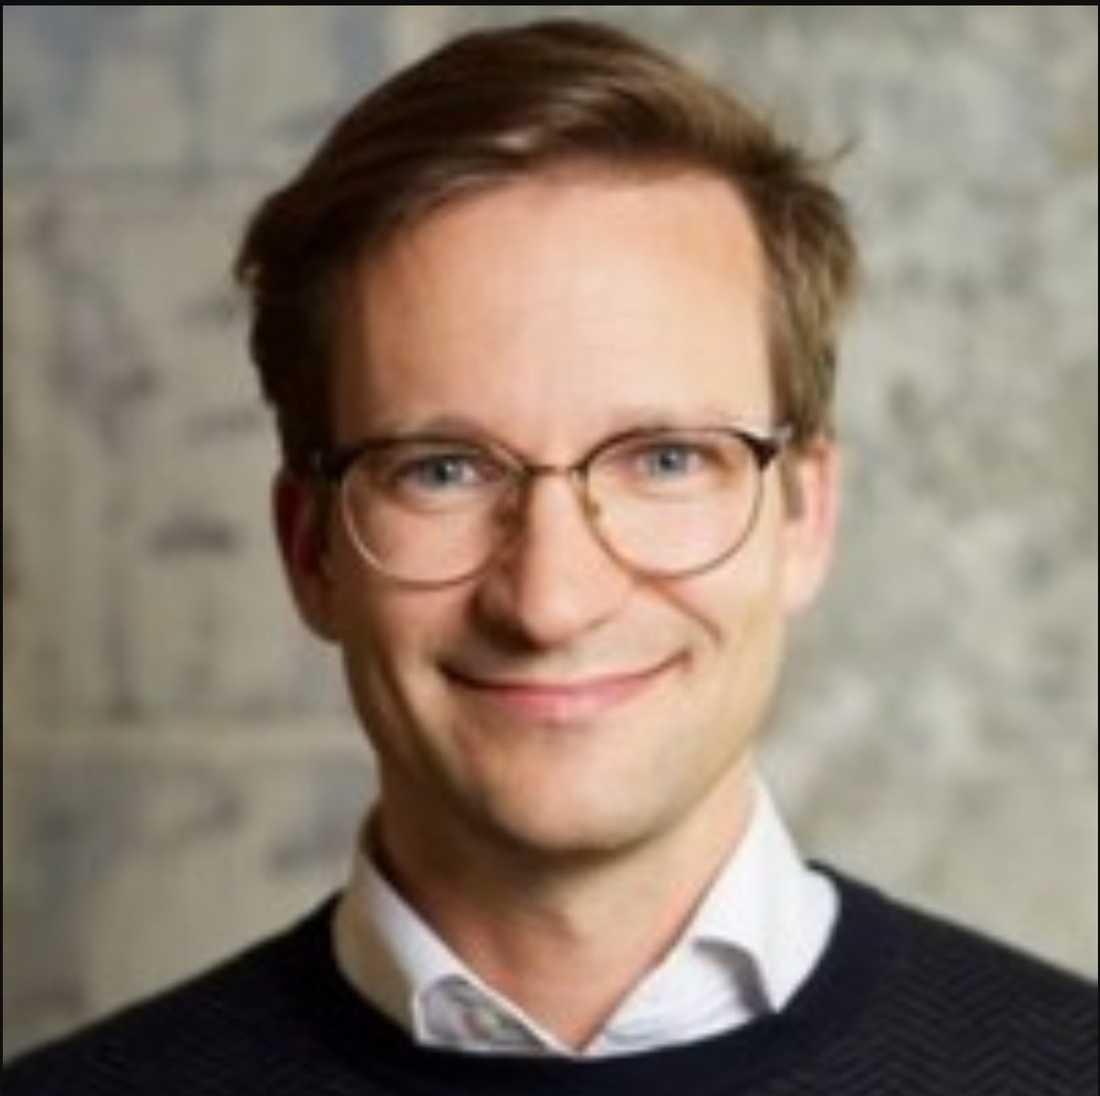 Peter Münster, kommunikationschef för Facebook i Norden